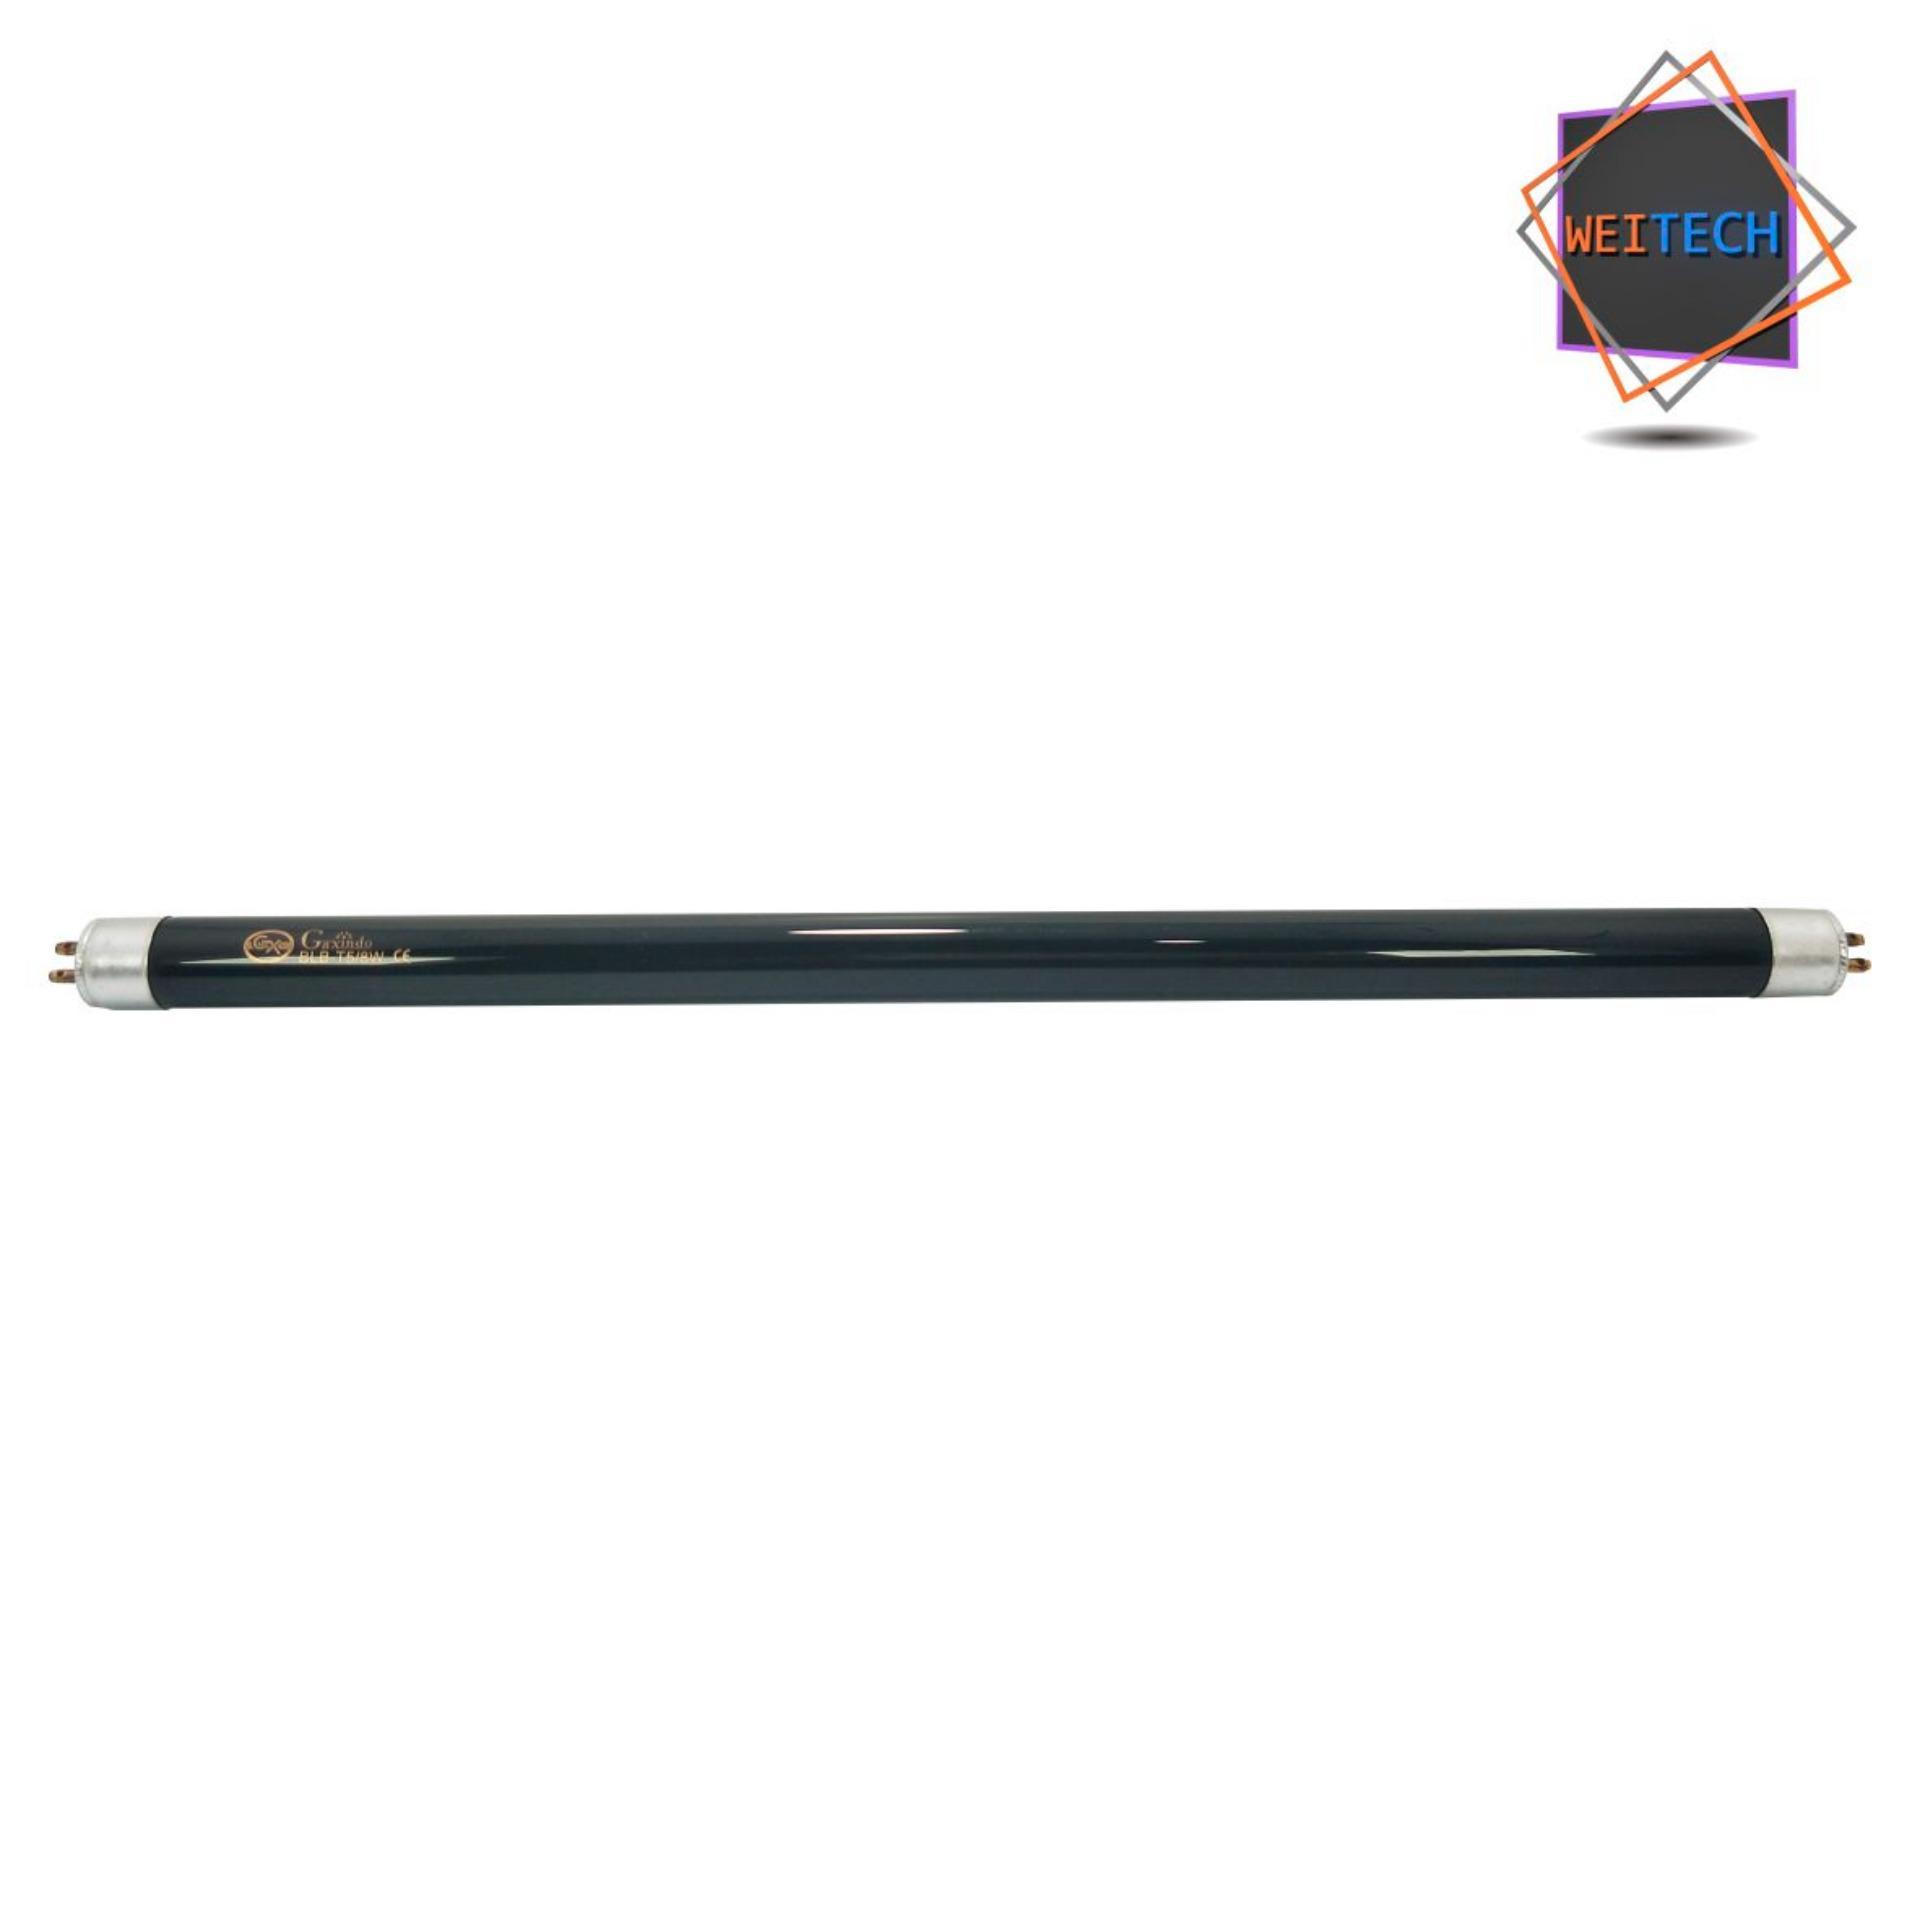 WEITECH LAMPU UV /LAMPU NEON PENDETEKSI UANG GX-N093 T5-8W